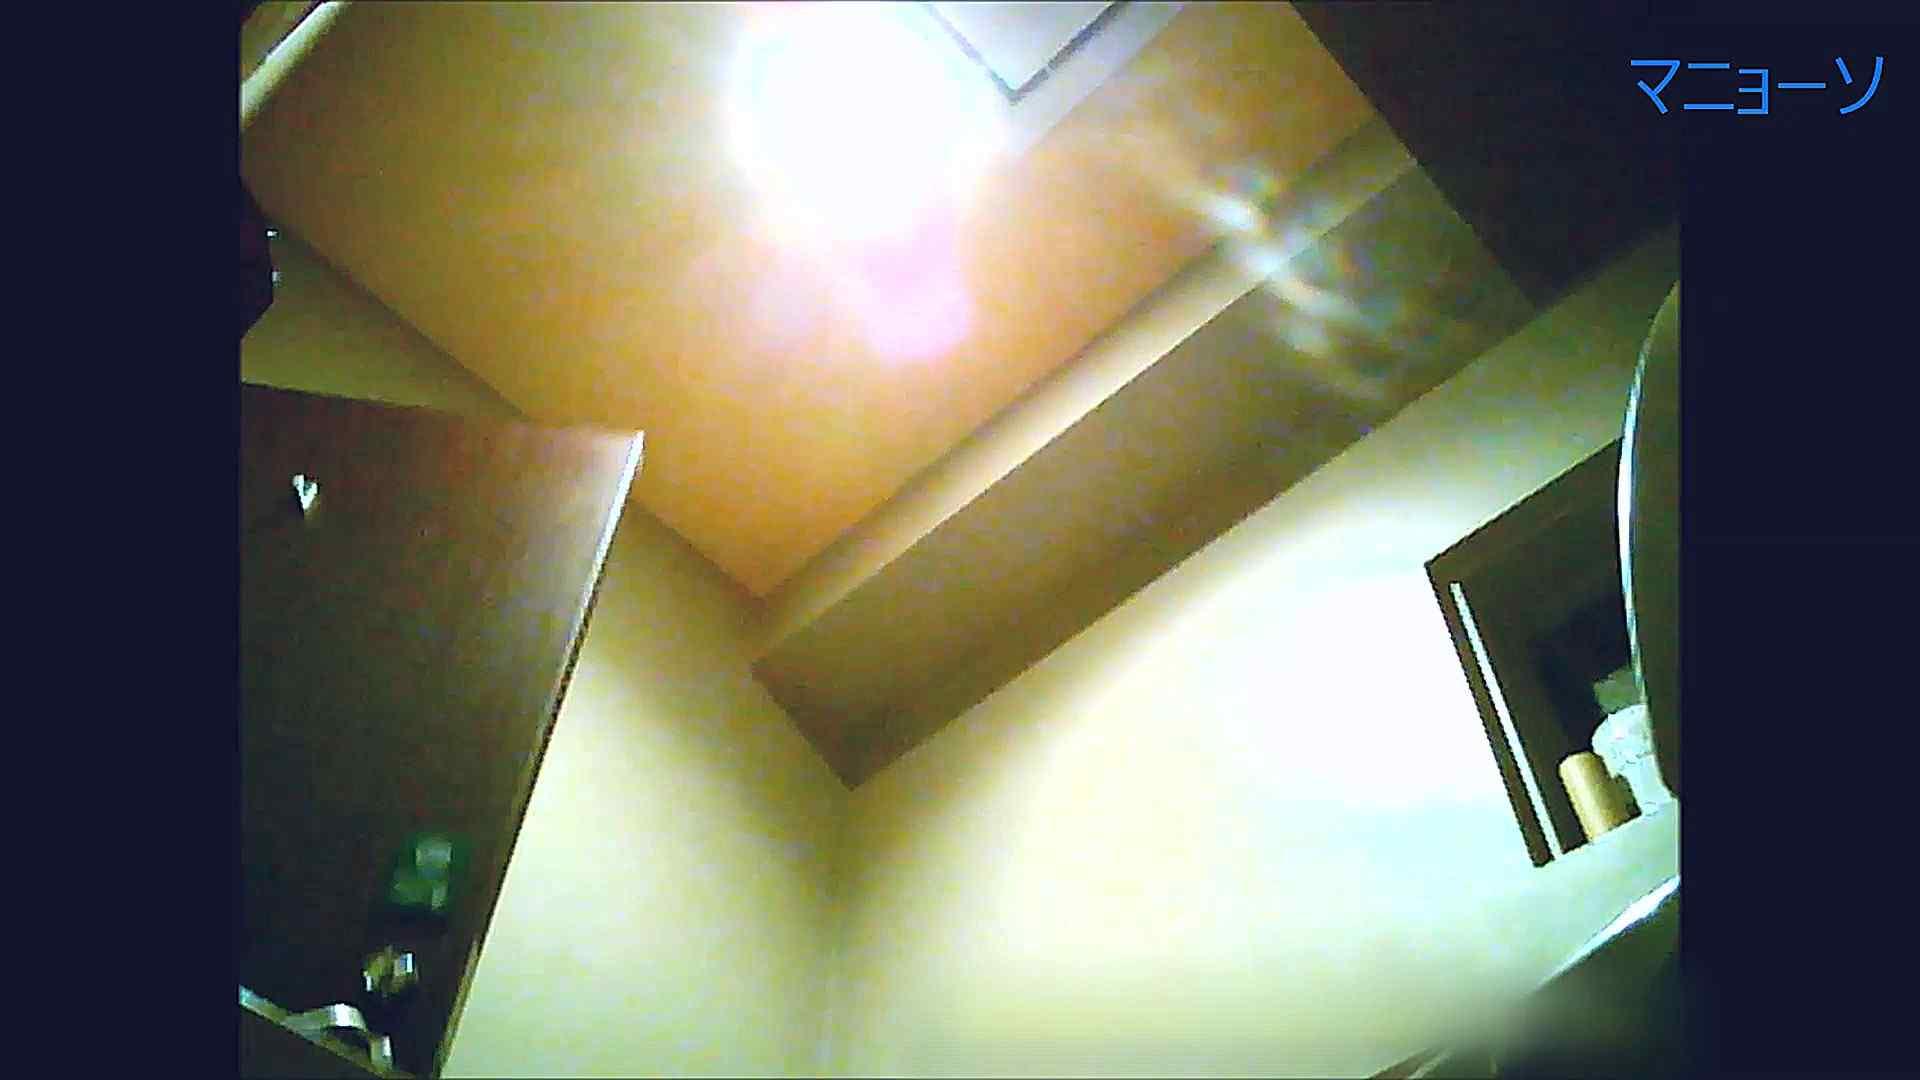 トイレでひと肌脱いでもらいました (OL編)Vol.12 エッチなお姉さん | 高画質動画  85画像 1